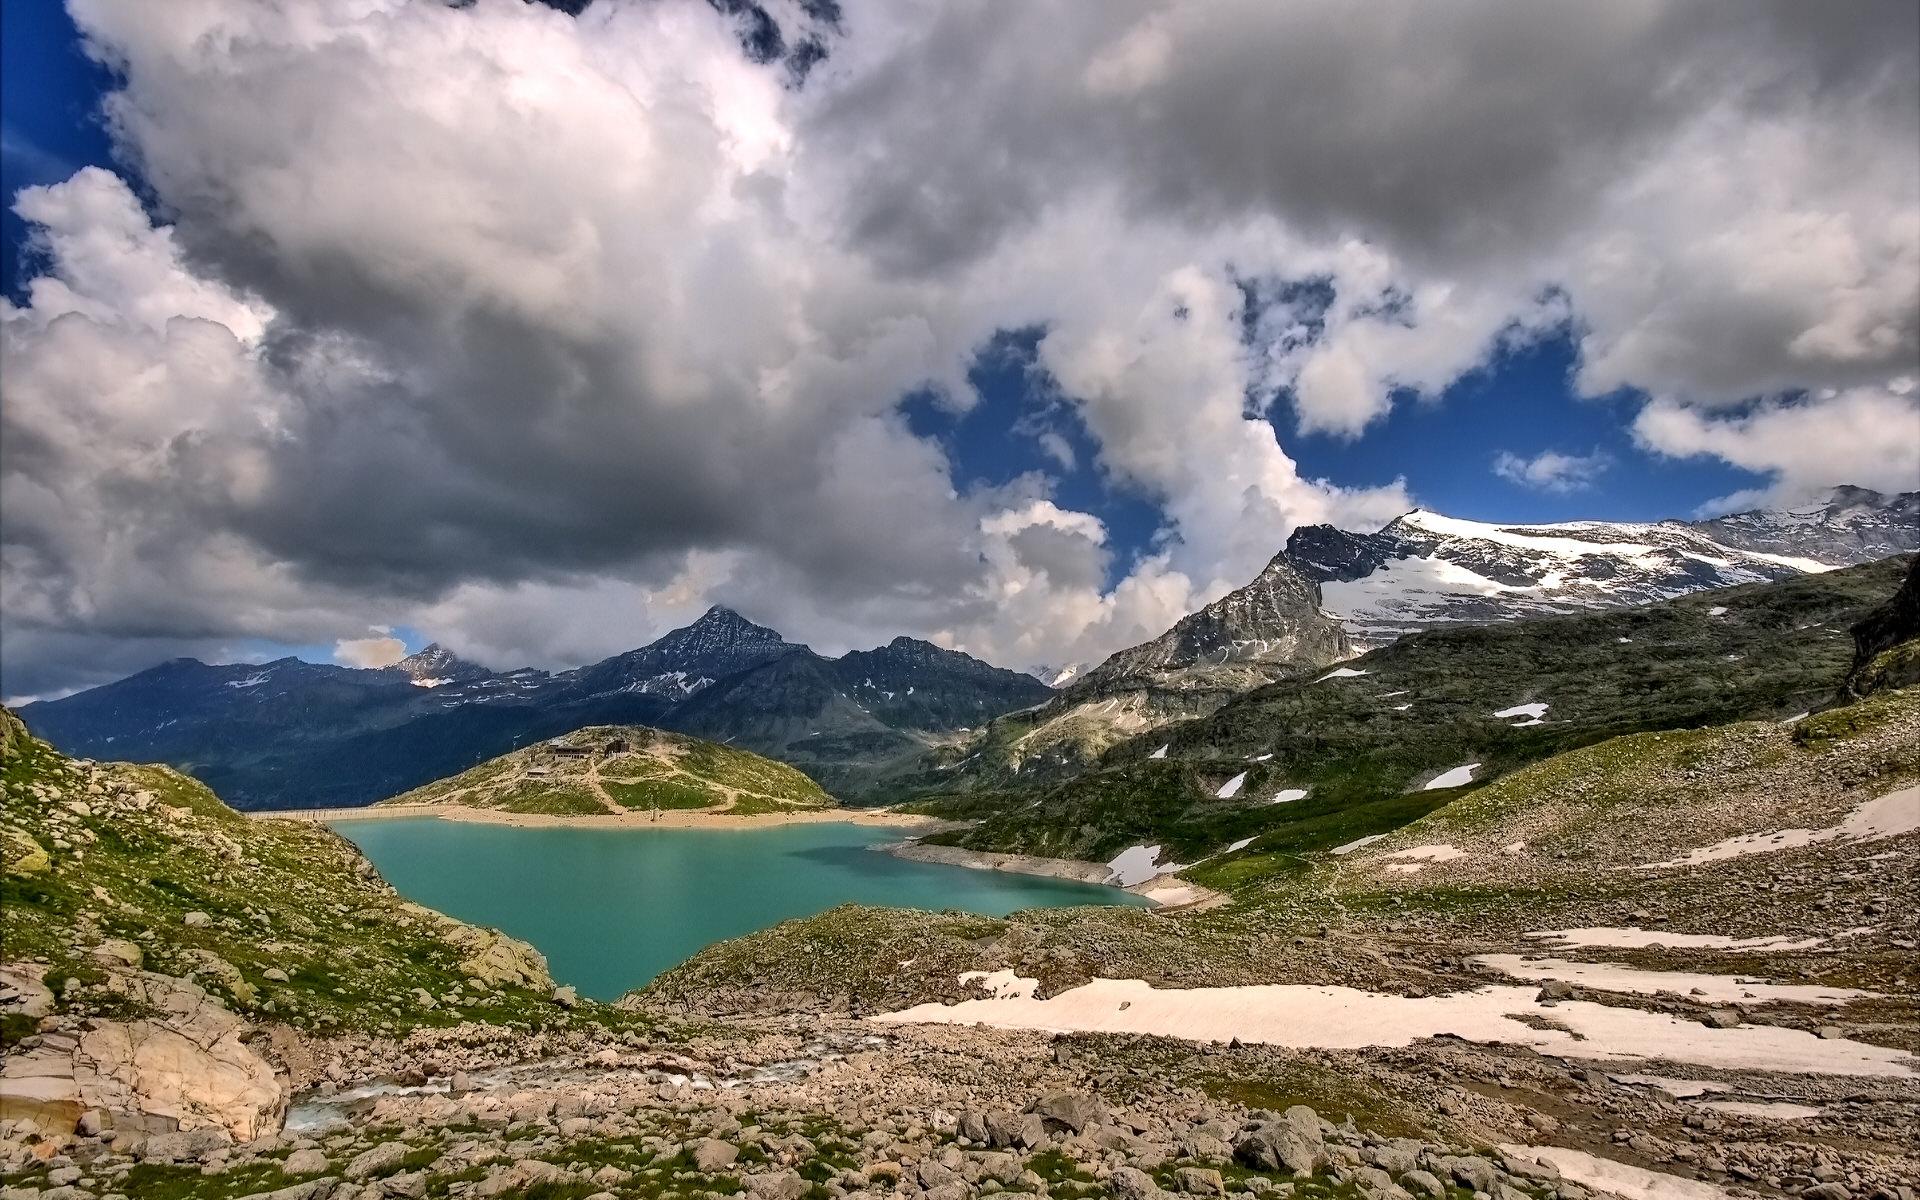 阿尔卑斯山景色高清壁纸